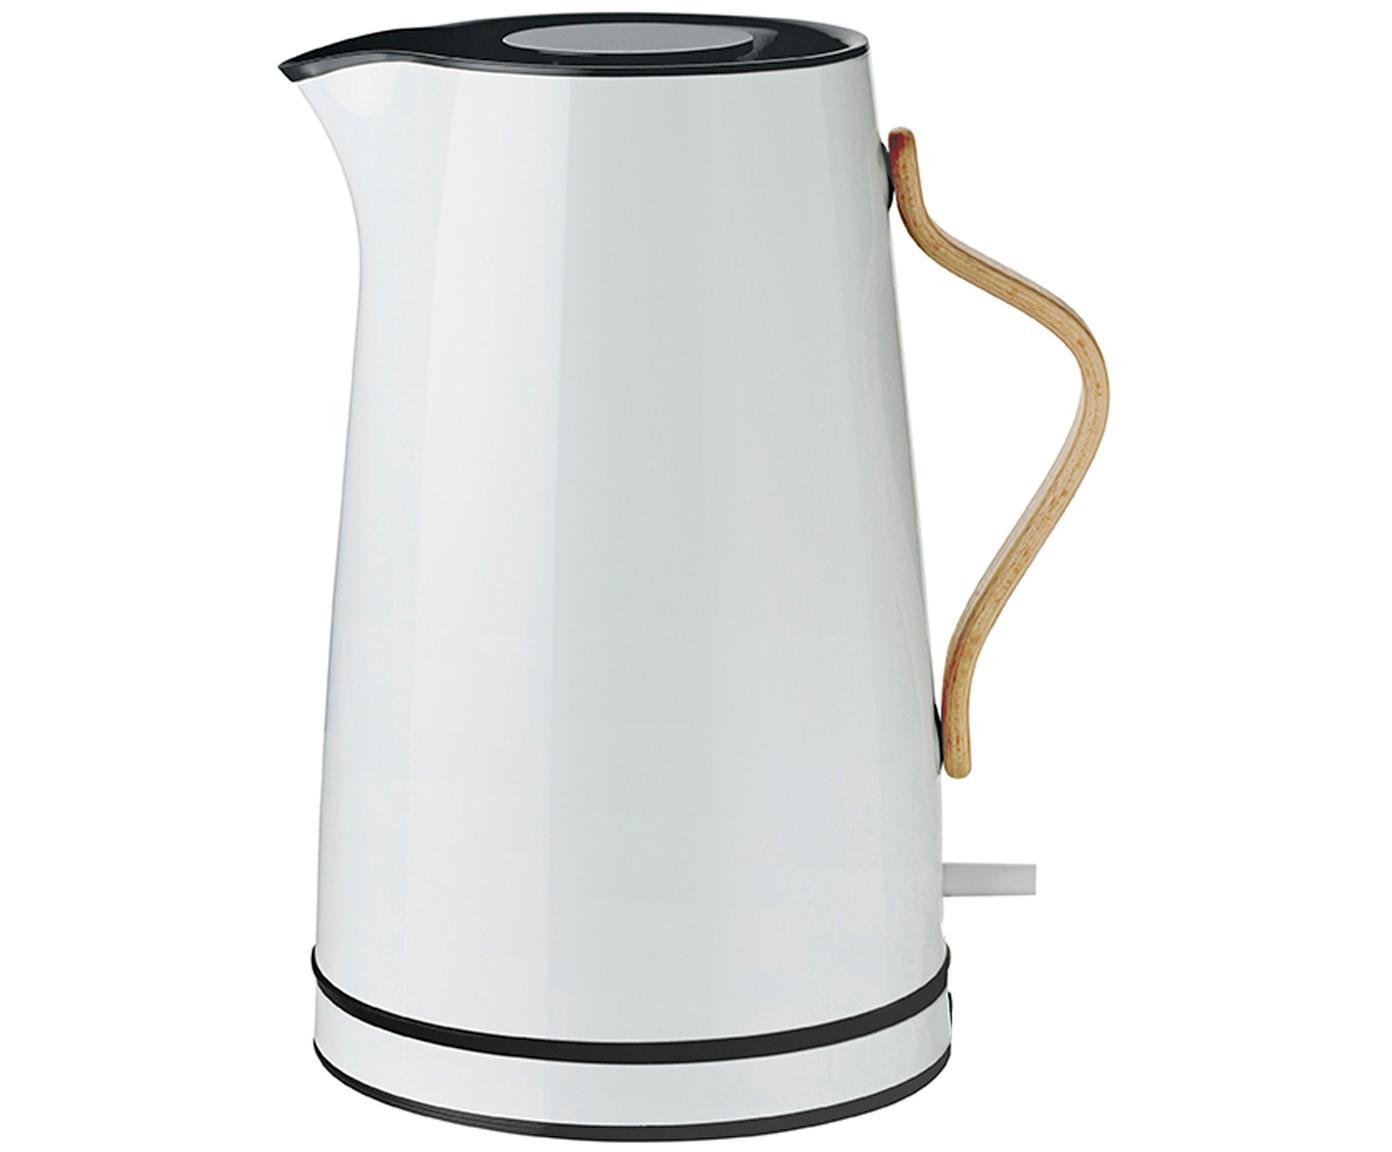 Wasserkocher Emma in Weiß mit Blaustich, Griff: Buchenholz, Weiß mit Blaustich, 1.2 L